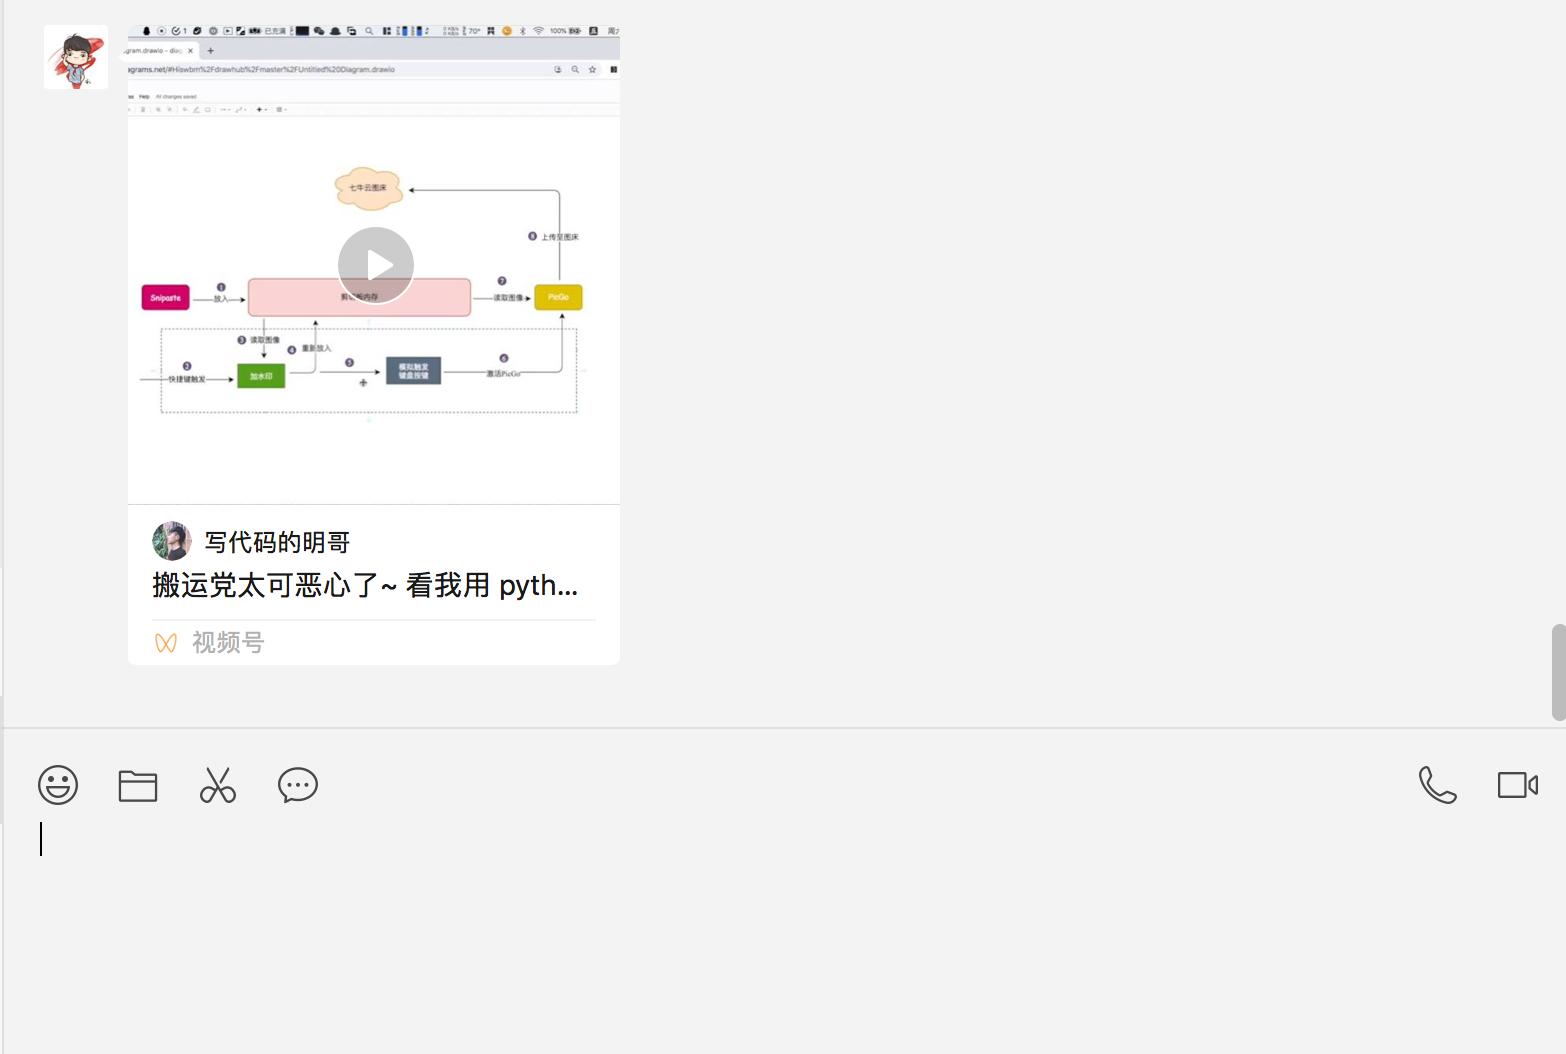 【微信内测】电脑端看朋友圈 + 微信双开(附下载链接)插图(3)